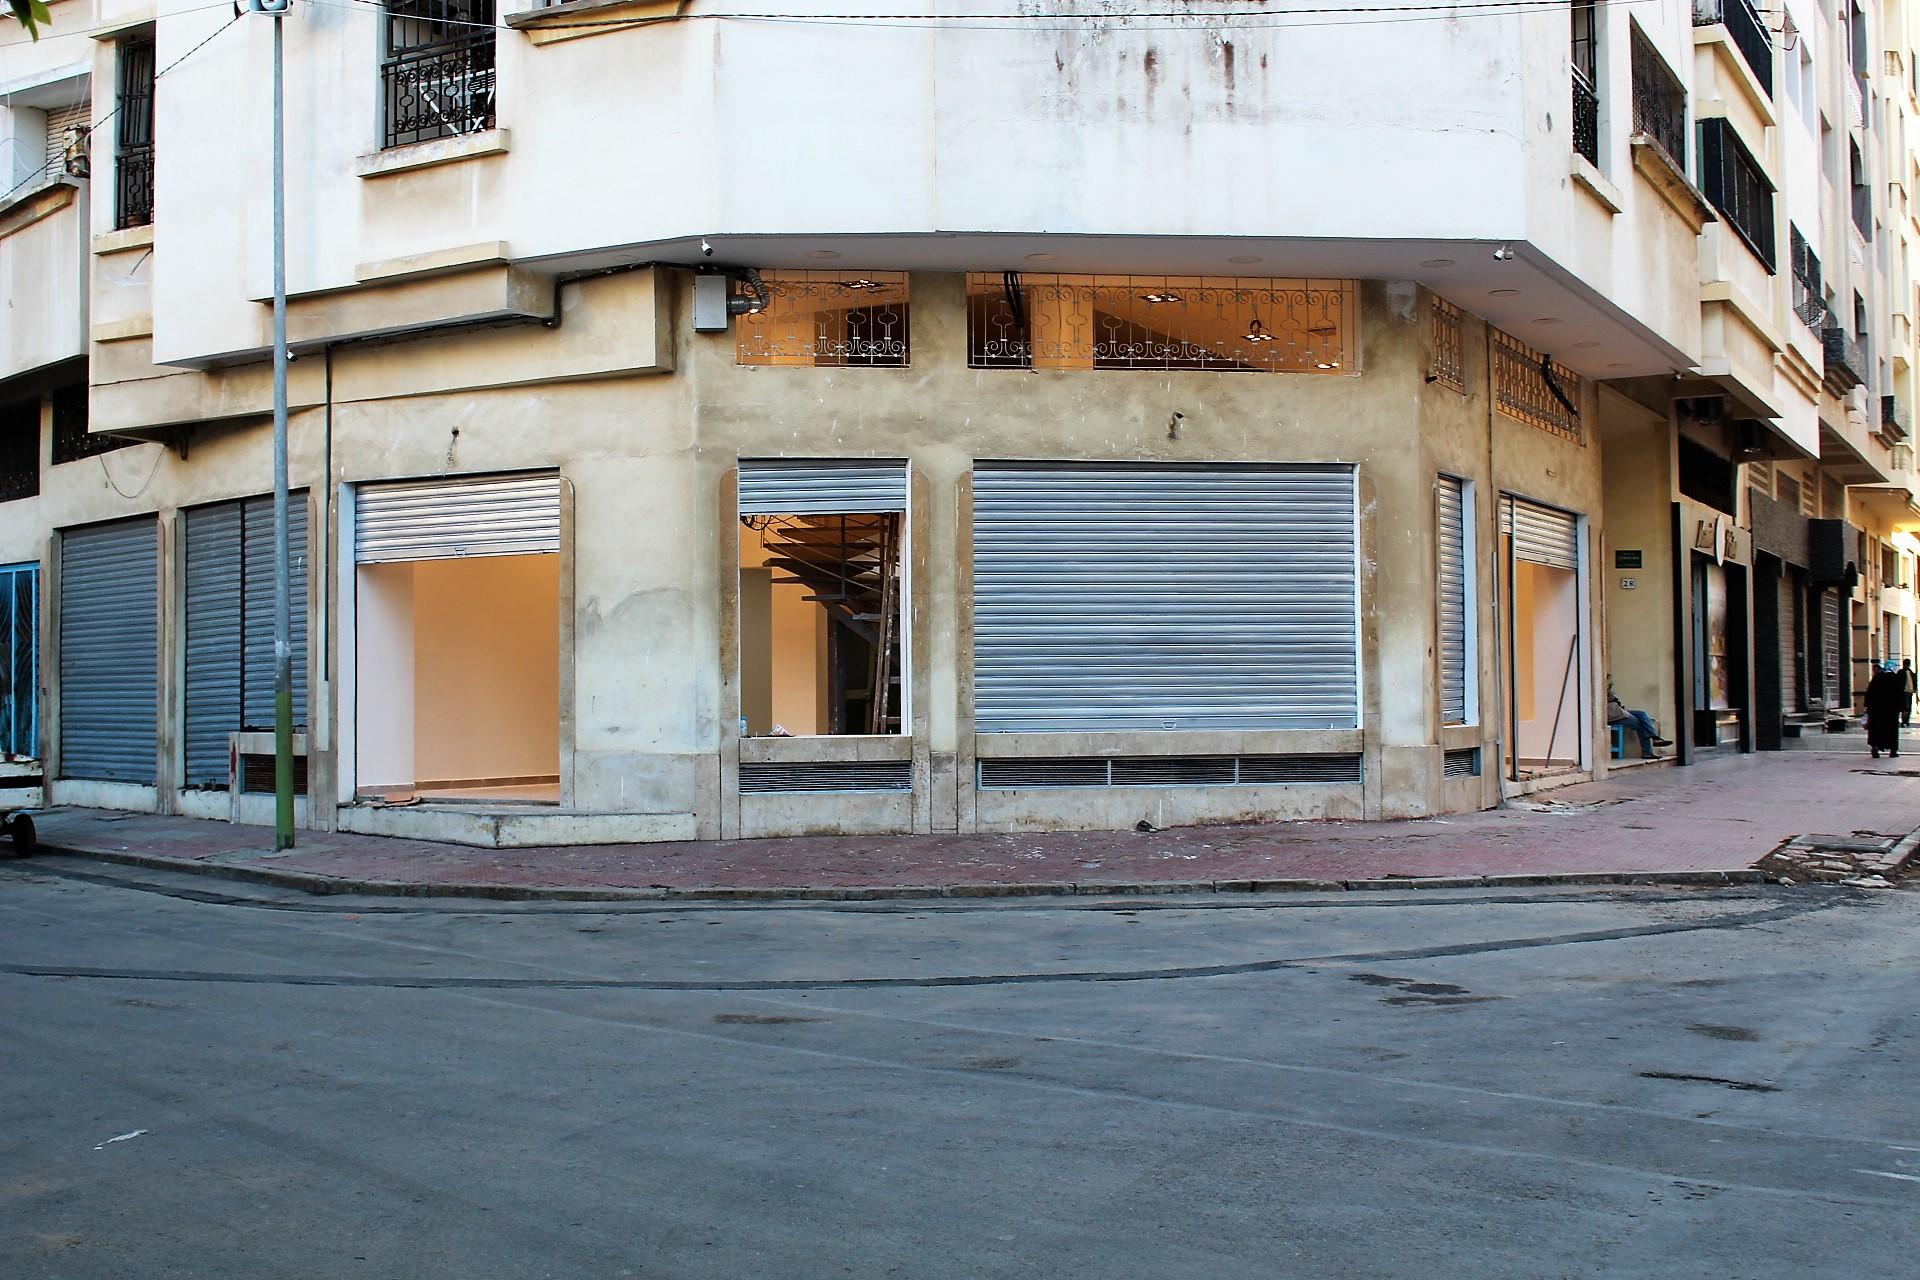 Maroc, Casablanca, Bourgogne, à louer parfait local commercial d'angle neuf